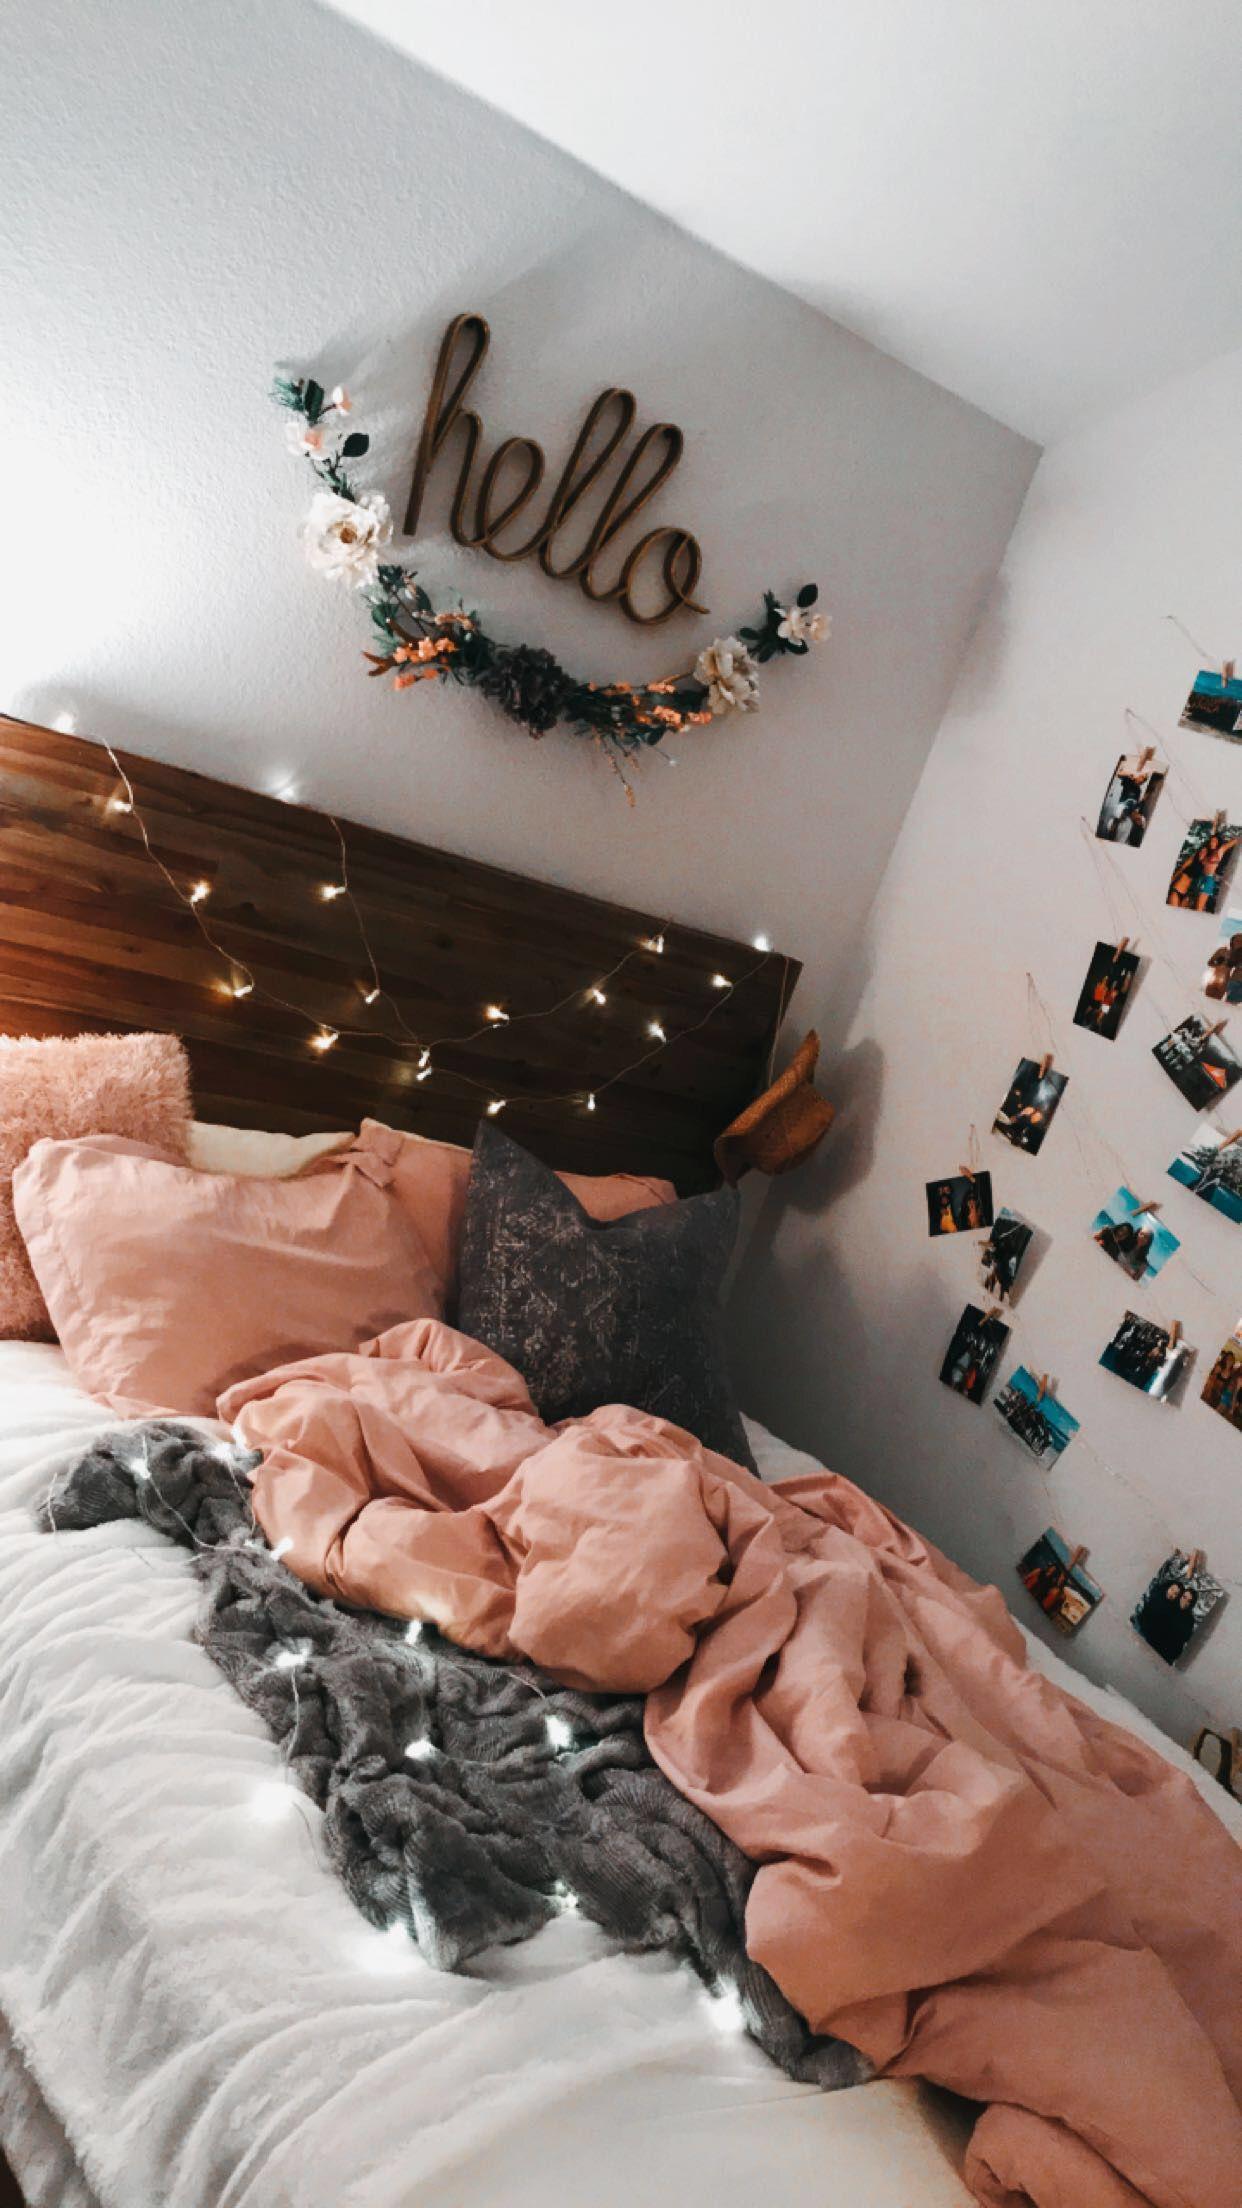 Cute teen bedroom - hello - lights - pink - photos on wall #bedroomgoals